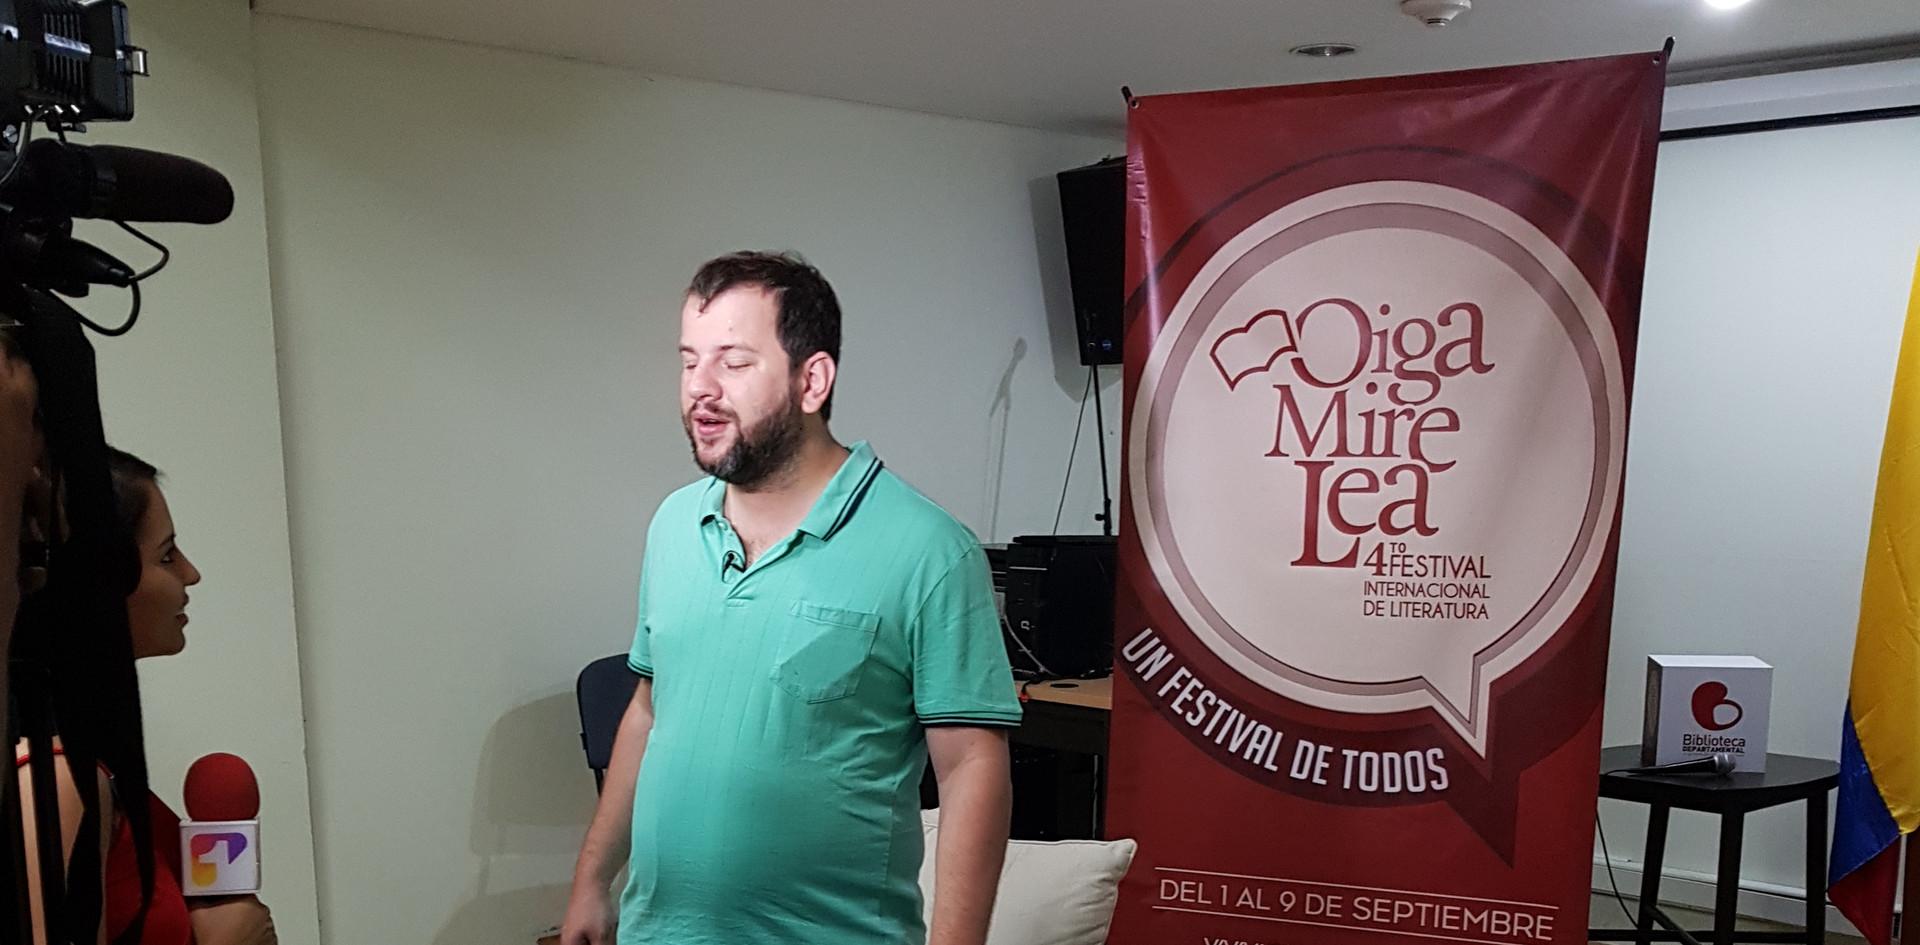 Juan Pablo Culasso en Festival de literatura Oiga, Mire, Lea, Cali, Colombia, 2018.jpg